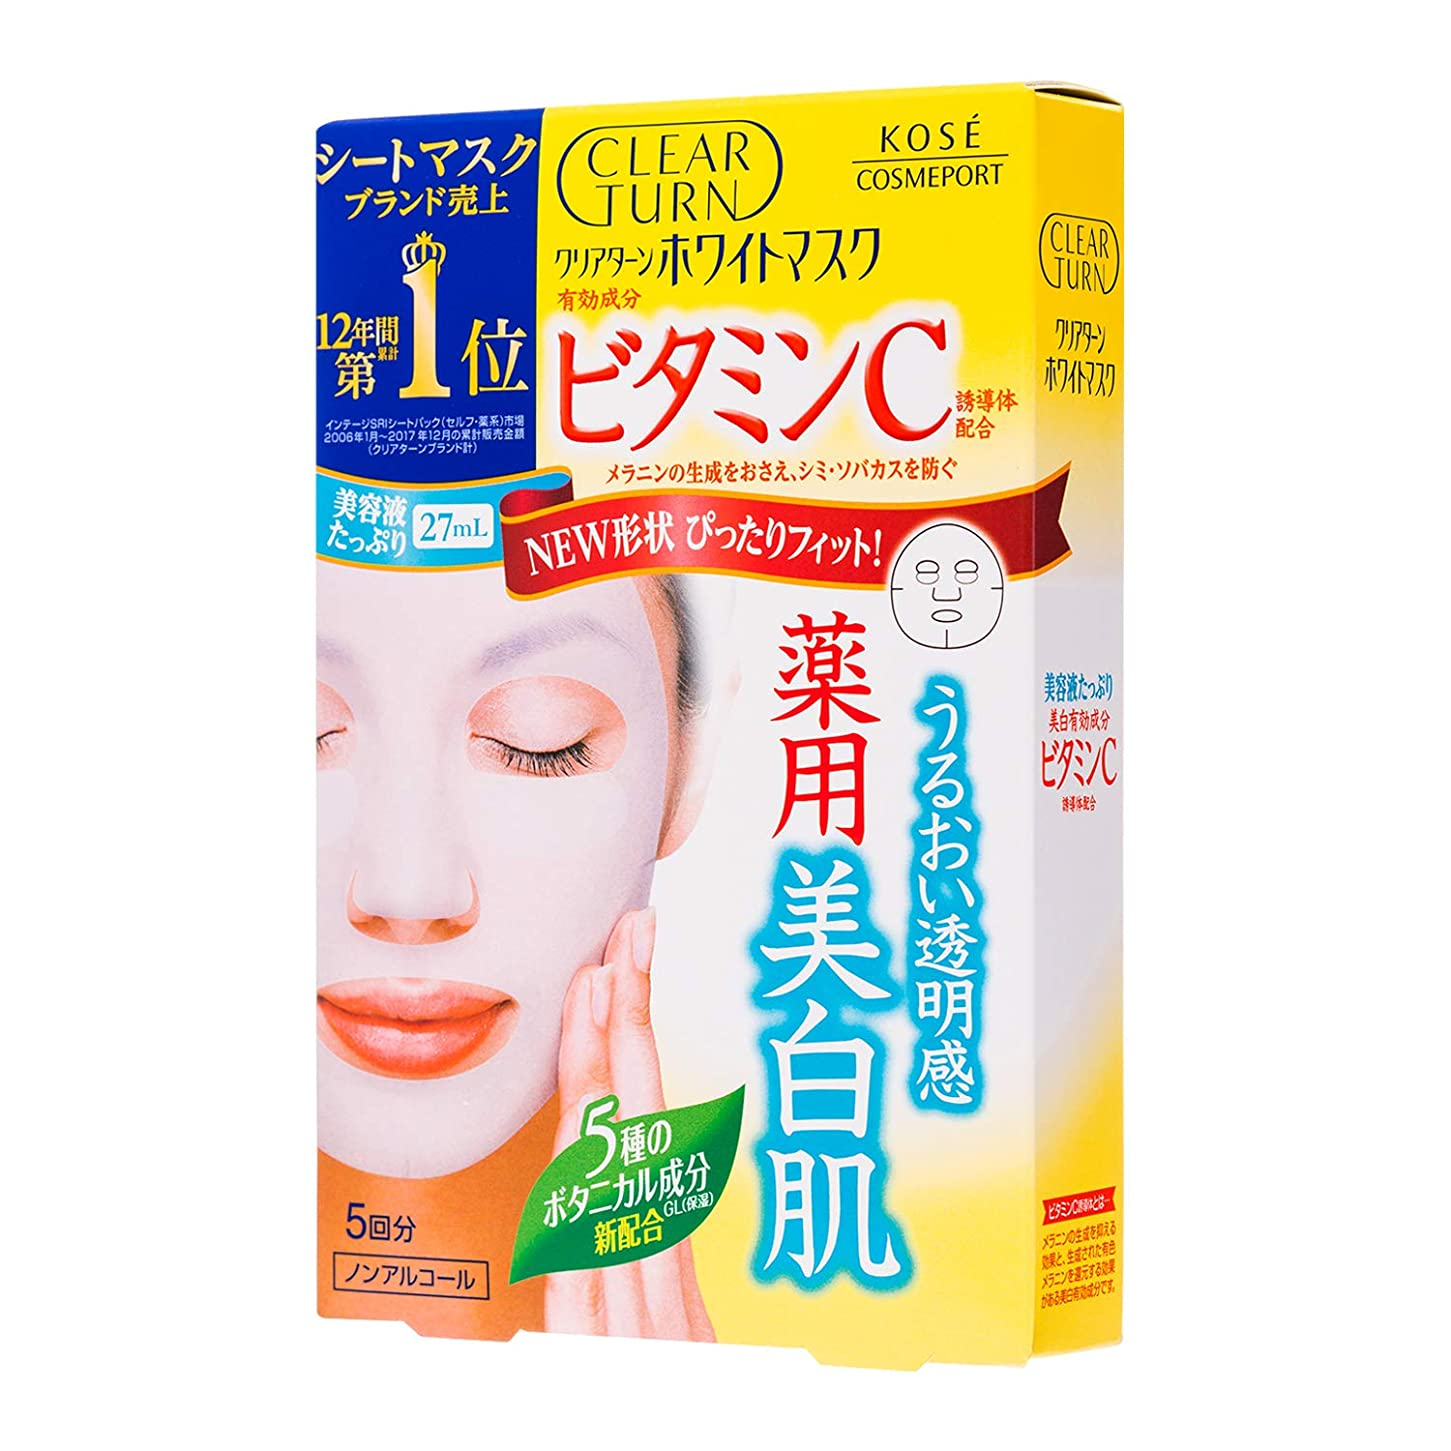 主張ソーダ水神社KOSE クリアターン ホワイト マスク VC c (ビタミンC) 5回分 (22mL×5)